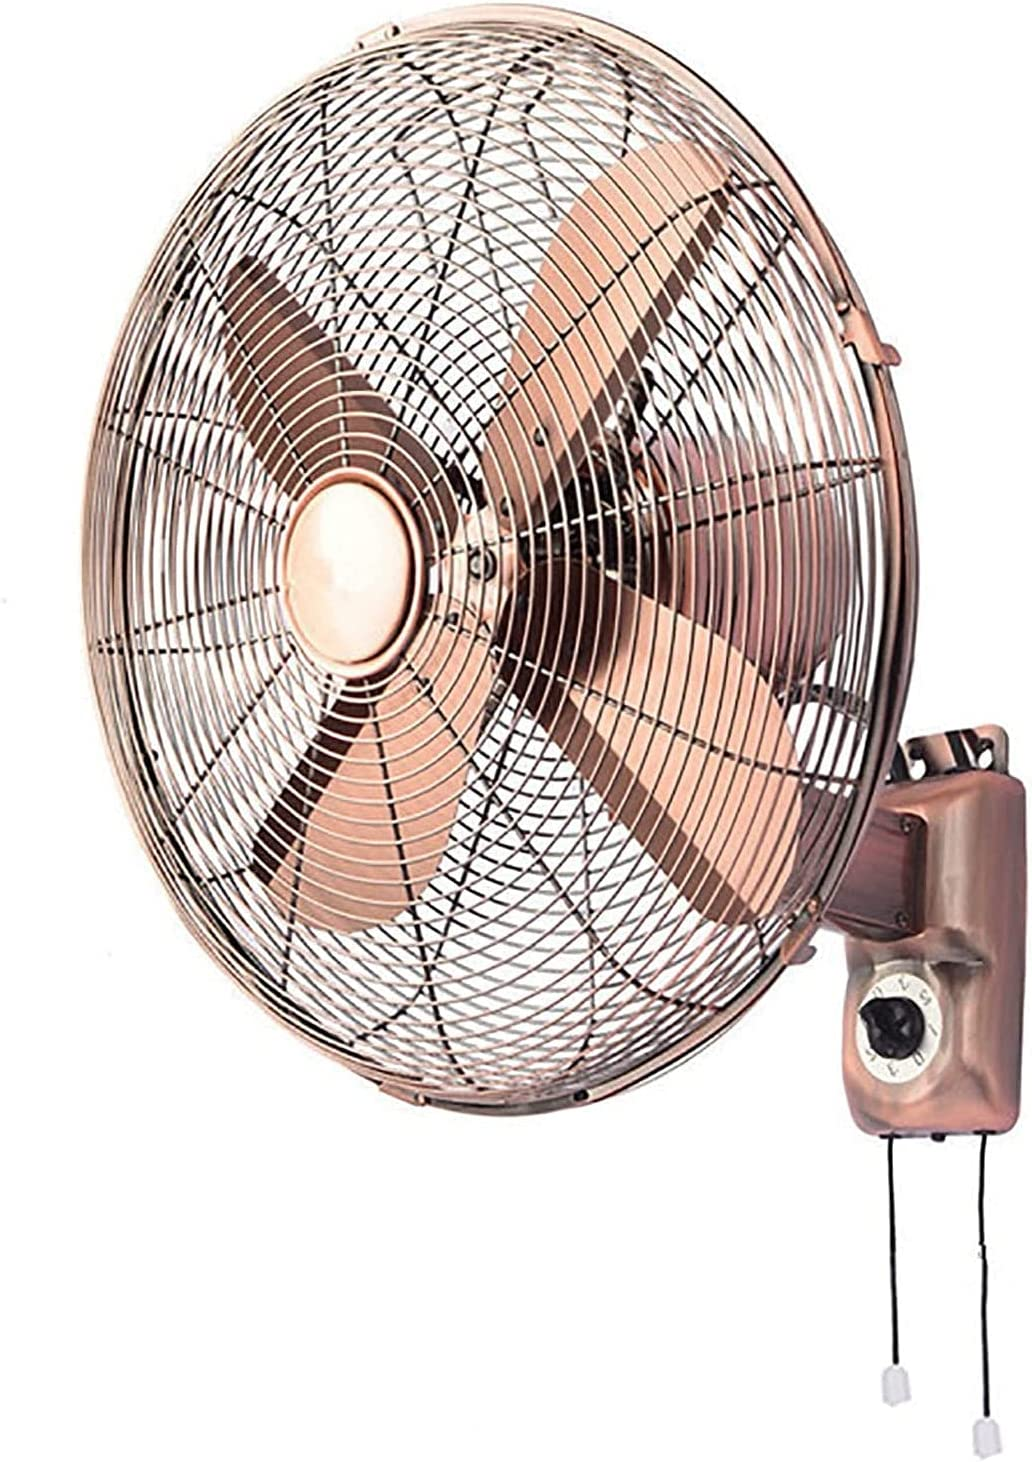 HTDHS Retro Metal Wall Fan Remoto 120 Grado Swing Fan 50W Industrial Industrial Heavy Duty Fan Electric Metal Metal Fan de enfriamiento de Alta Velocidad